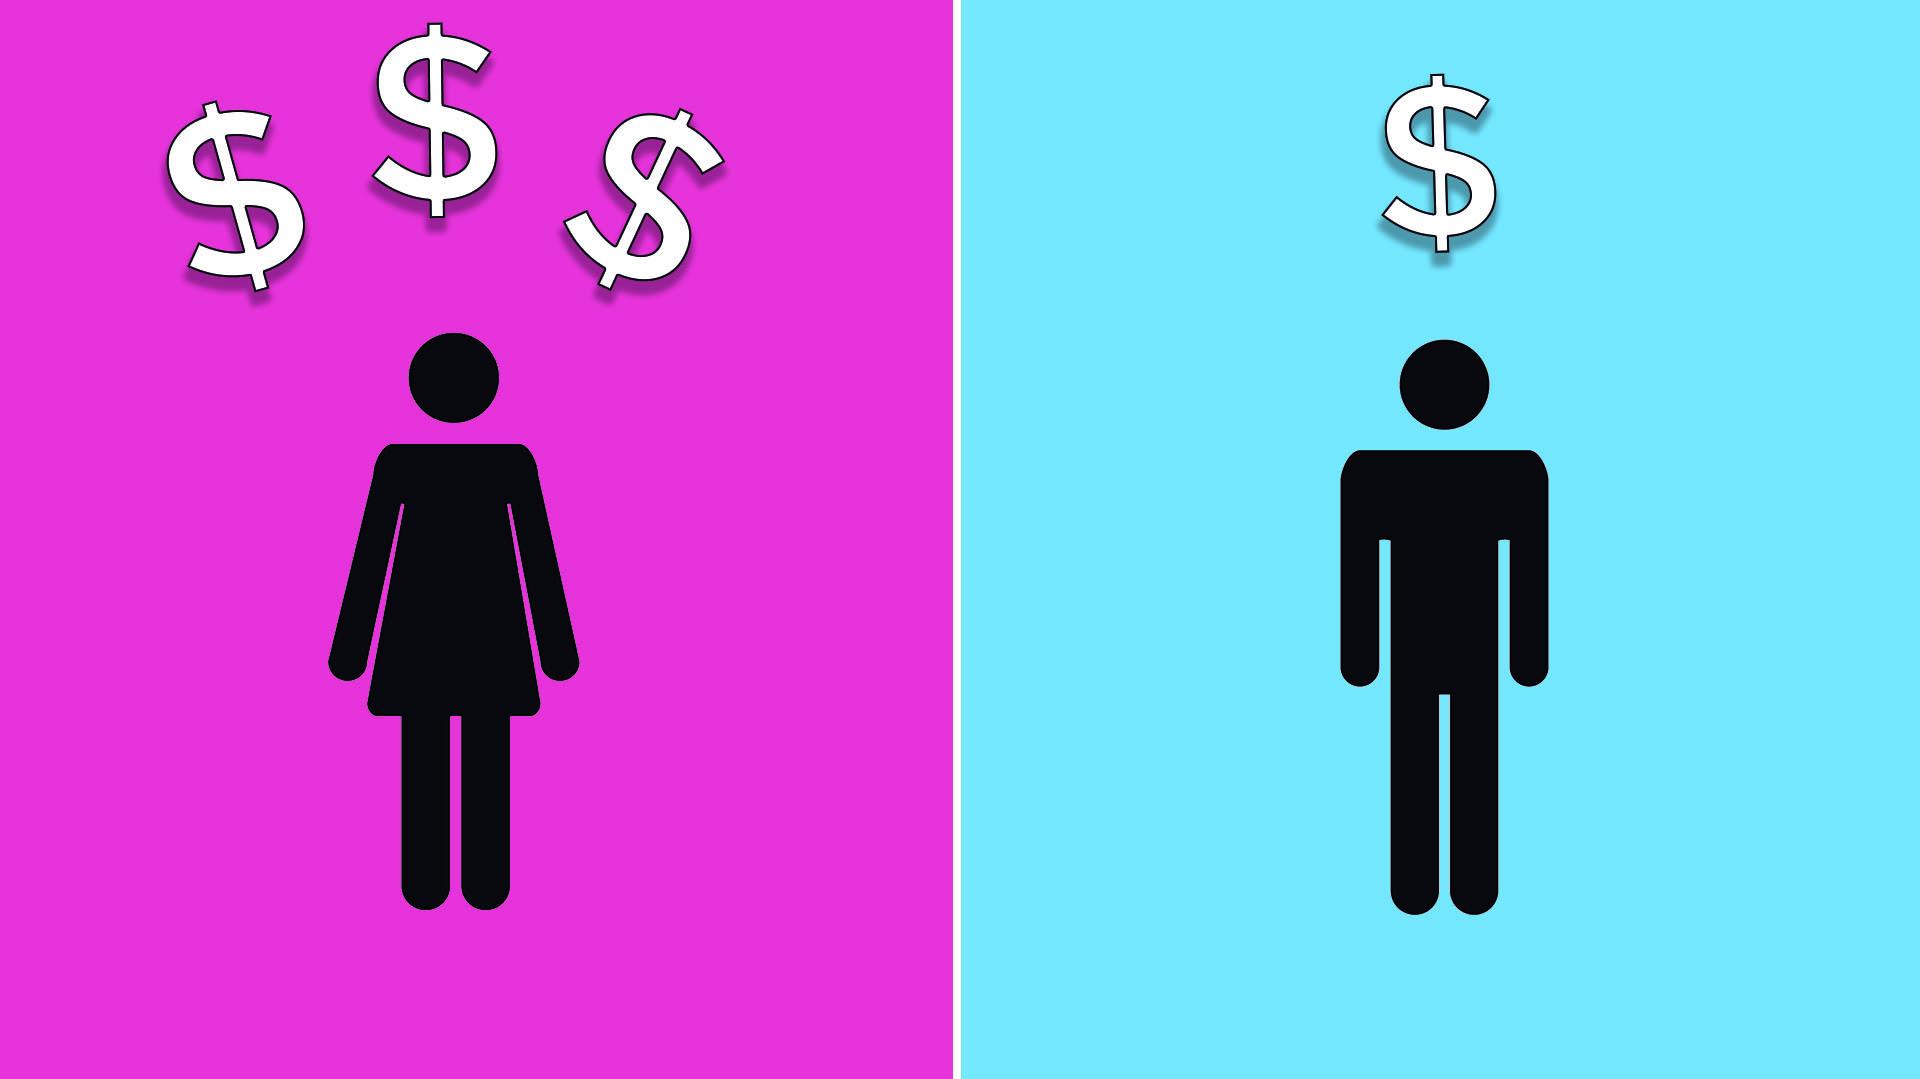 El pink tax o impuesto rosa es una discriminación económica basada en el género